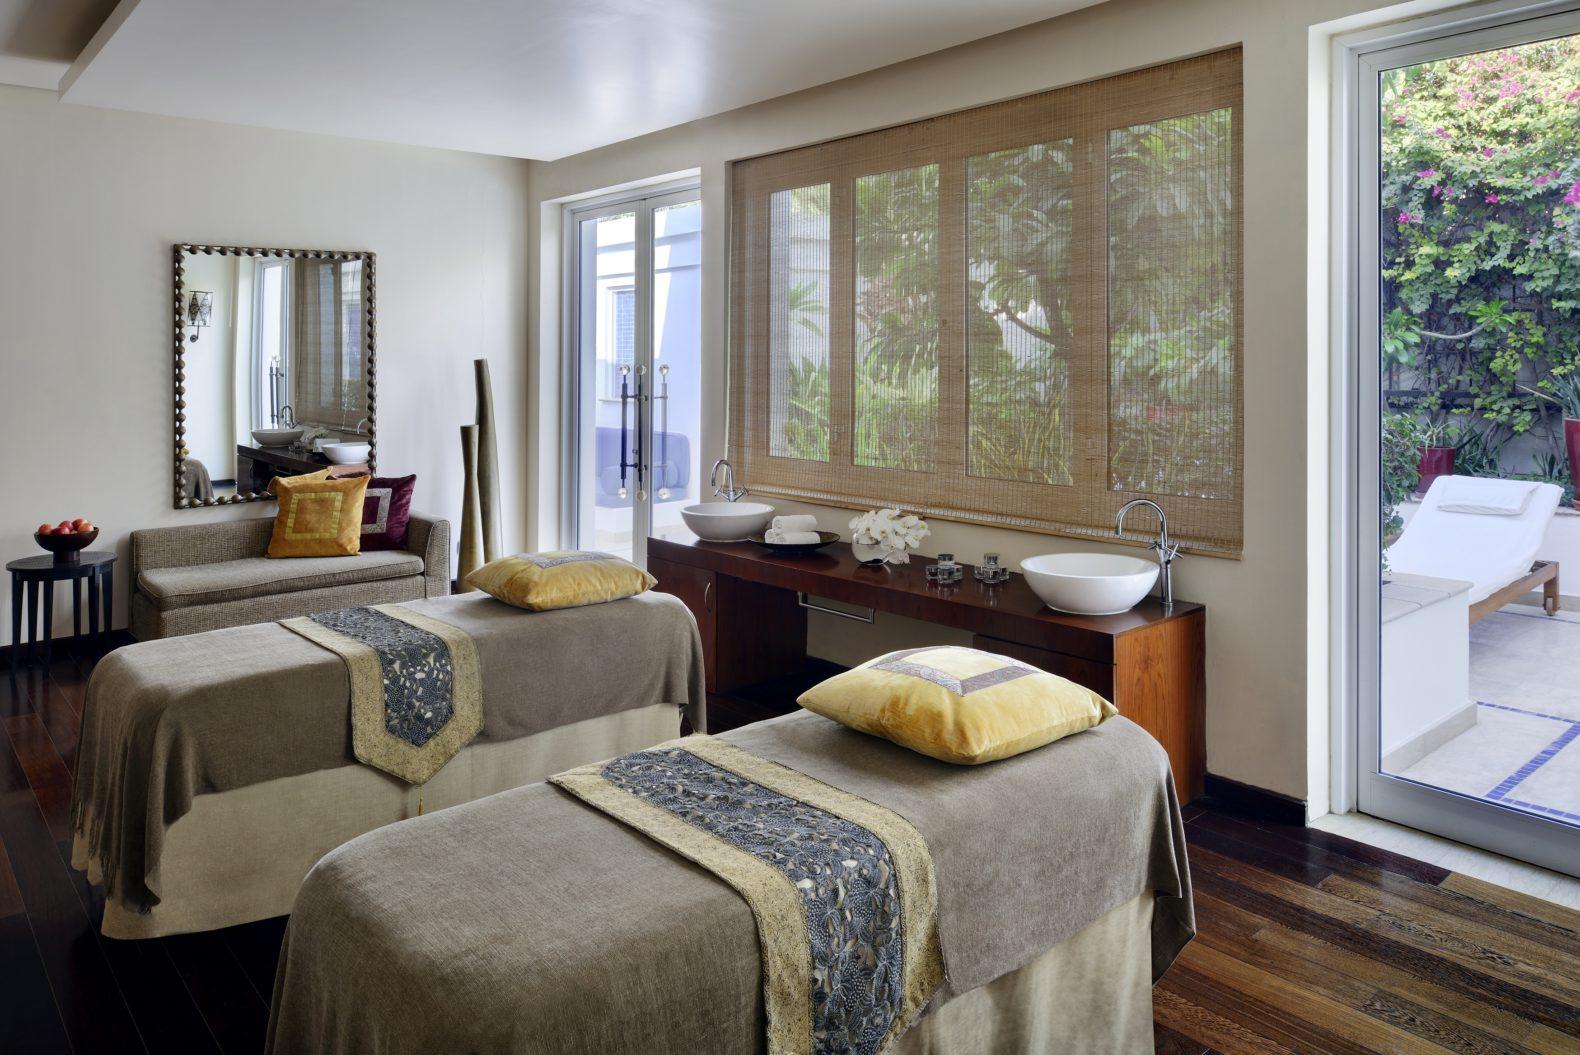 amara-spa-couples-suite-treatment-massage-relax-qualitytime-park-hyatt-dubai-hotel